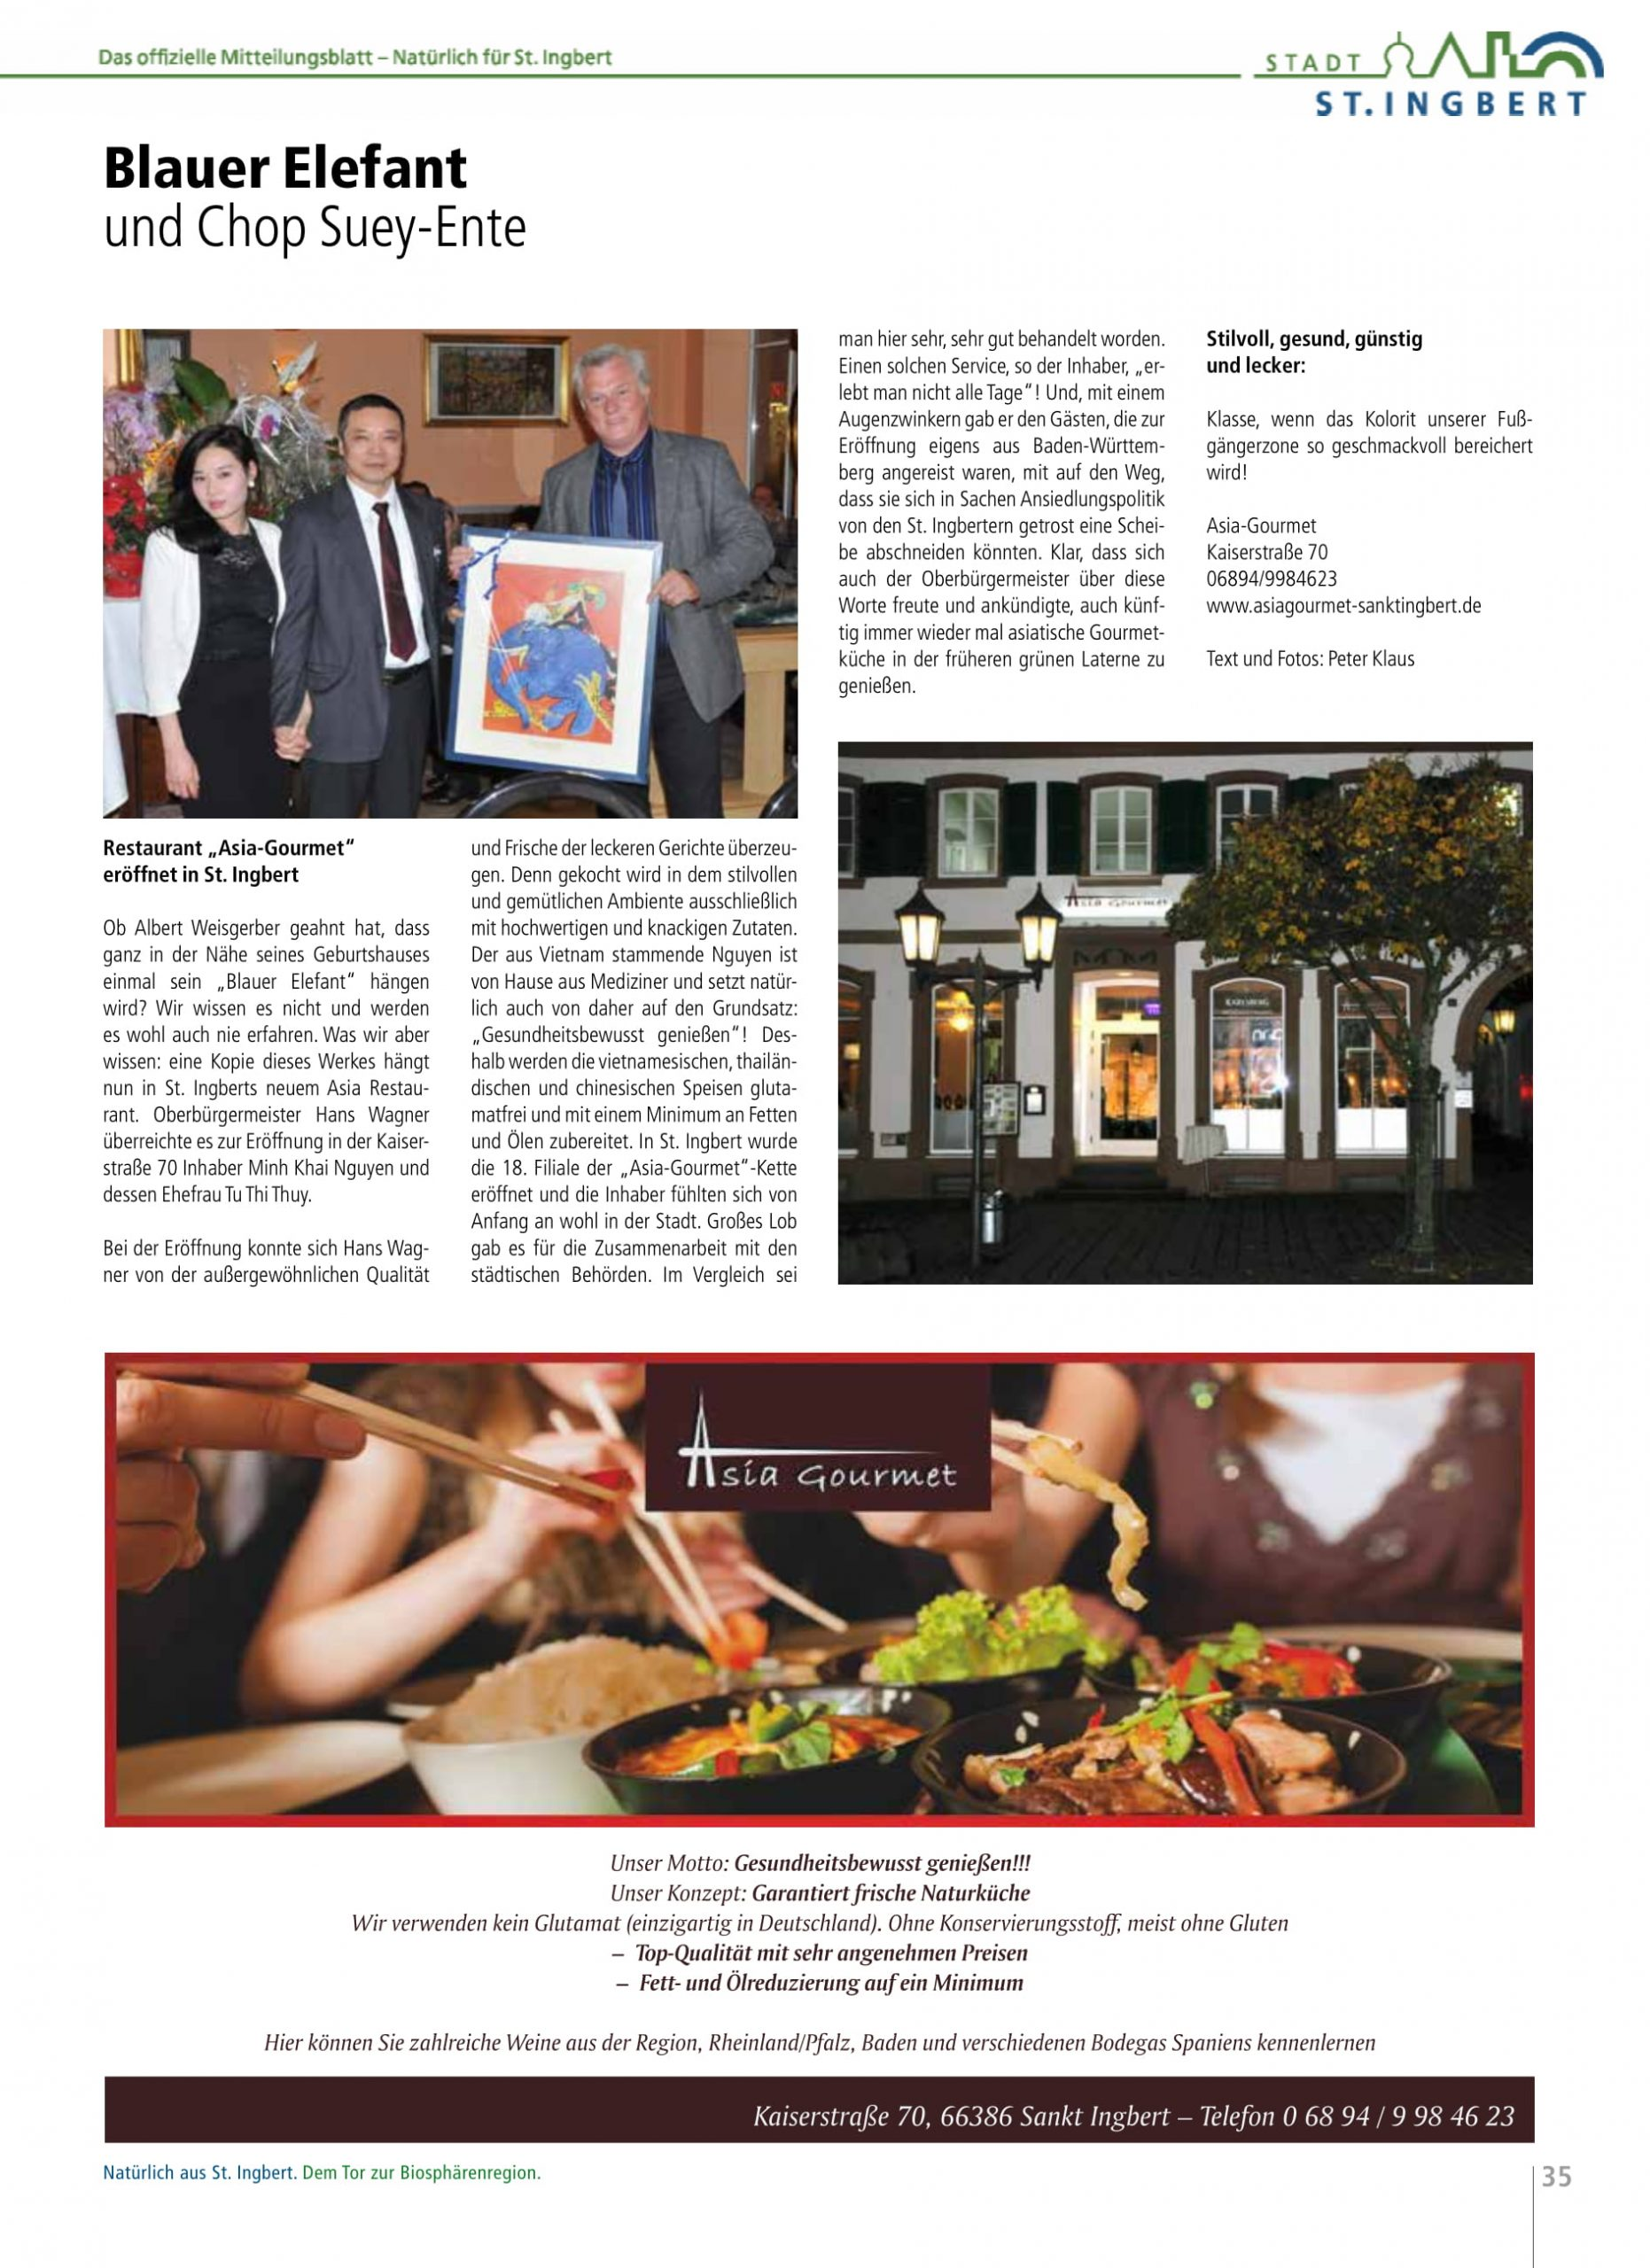 Asia_Gourmet-Presse-1